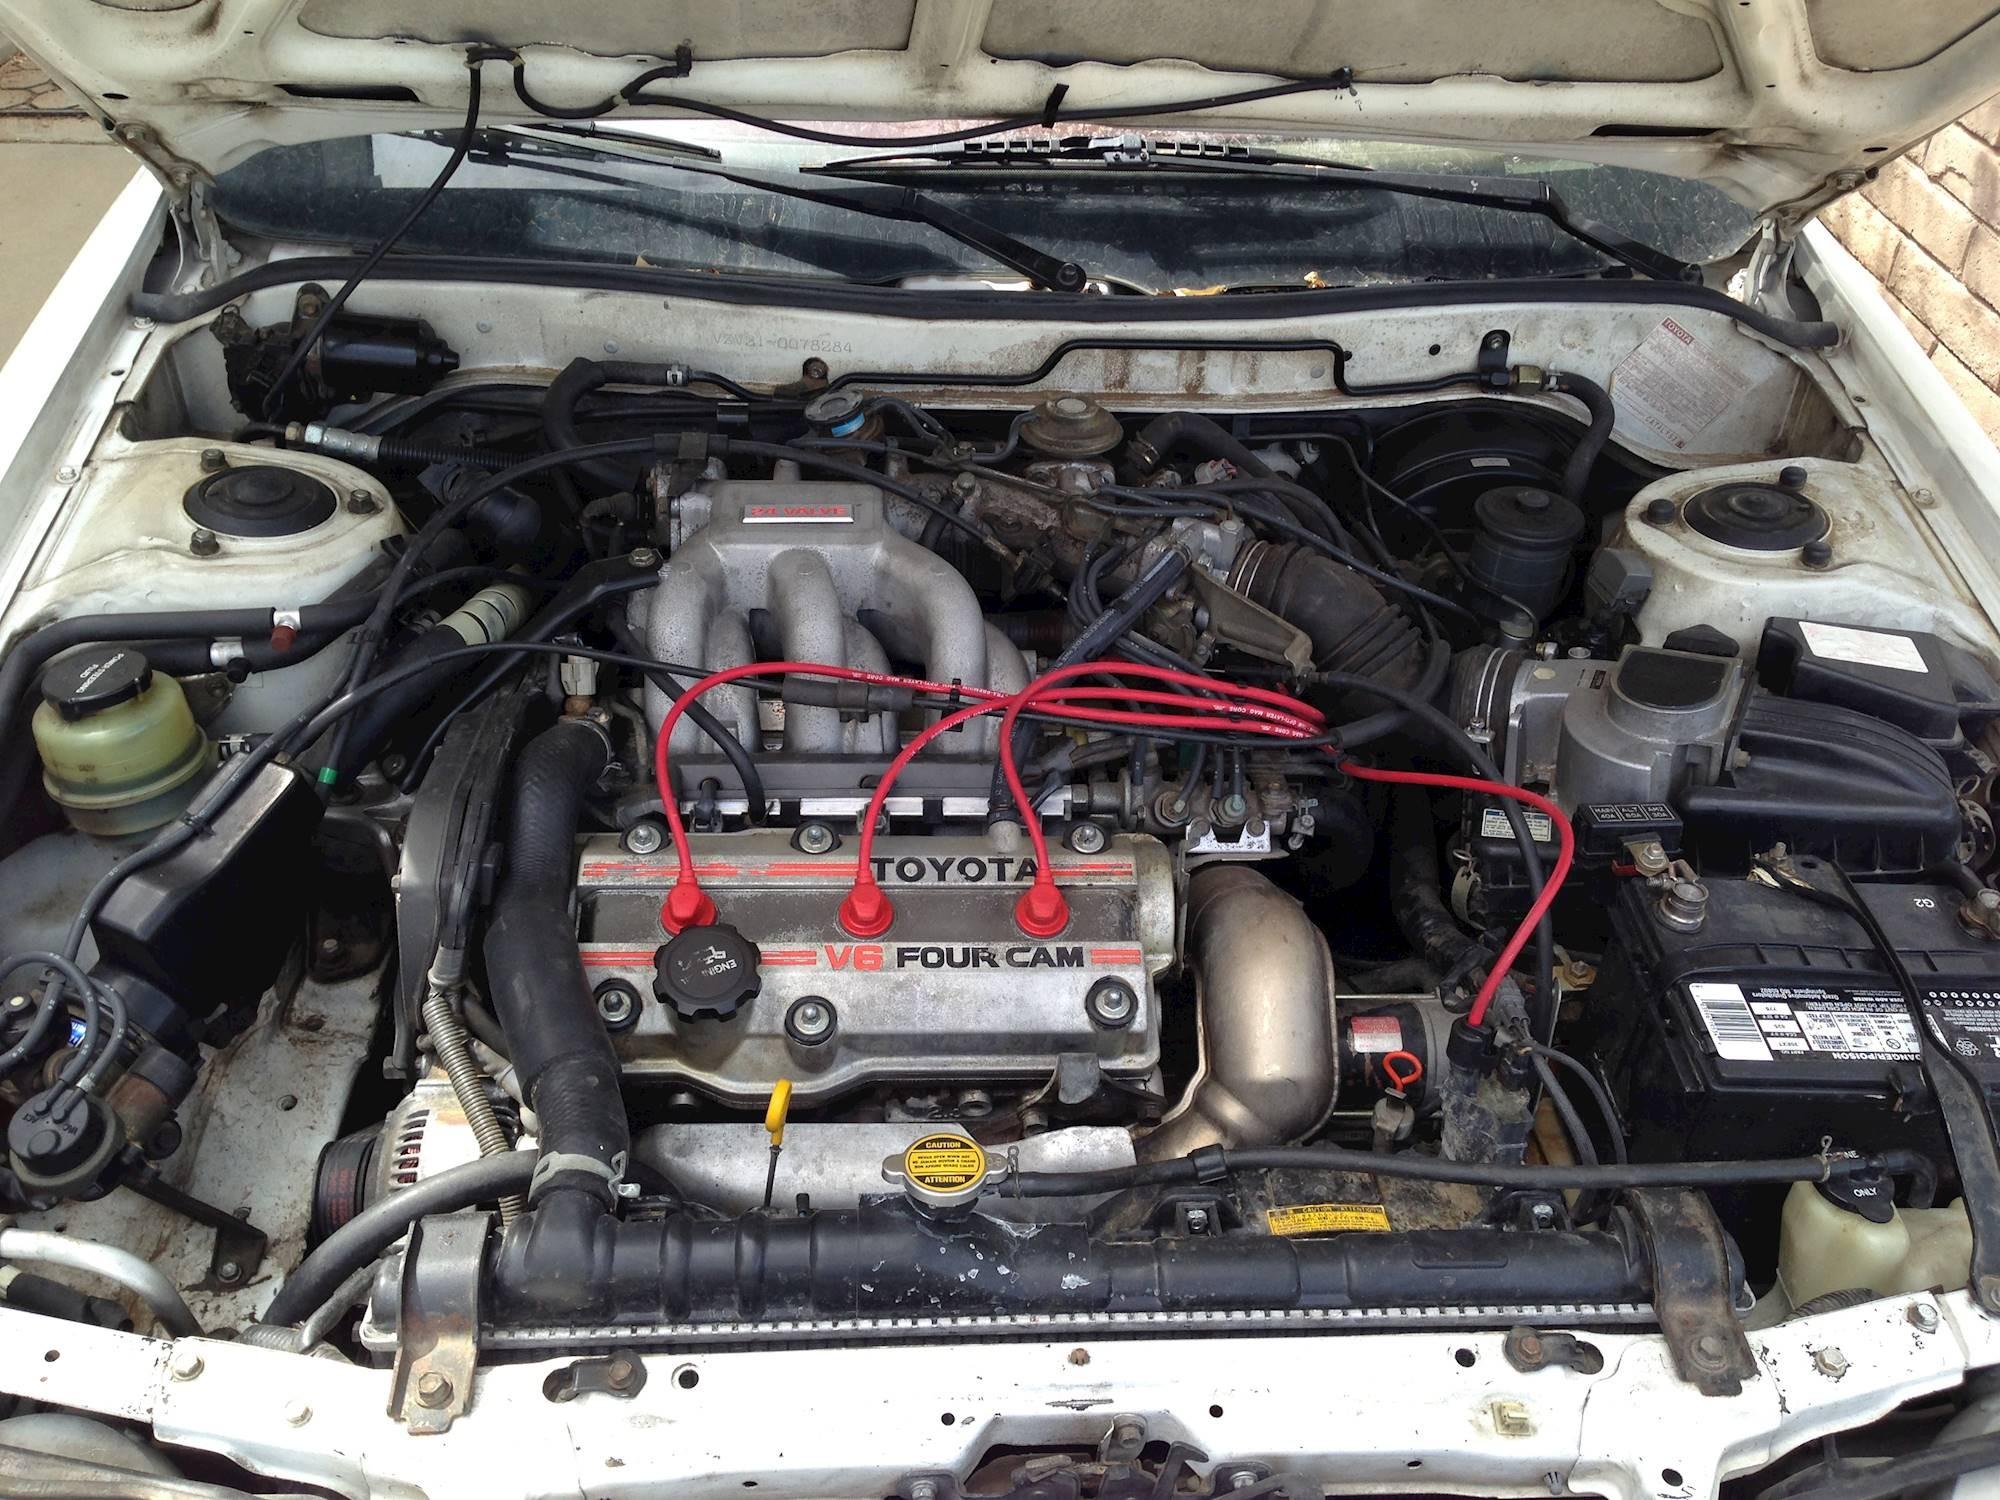 1995 Toyota T100 DX 4x4 Xtracab 5 spd manual w OD